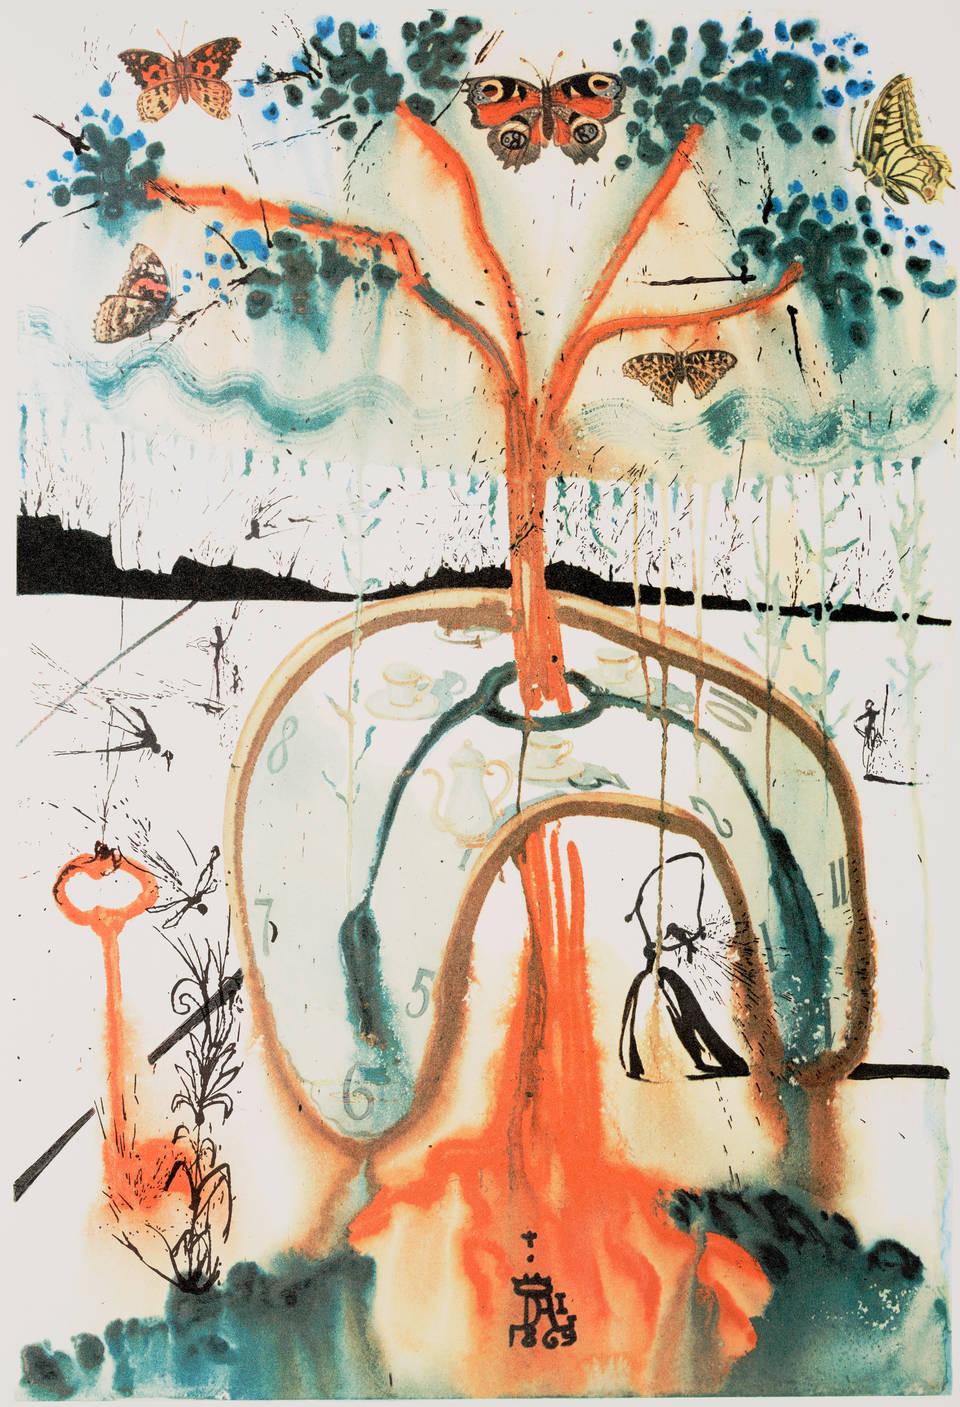 一場瘋狂的茶會,薩爾瓦多·達利,1969 年。 © 薩爾瓦多·達利,Fundació Gala-Salvador Dalí,DACS 2019